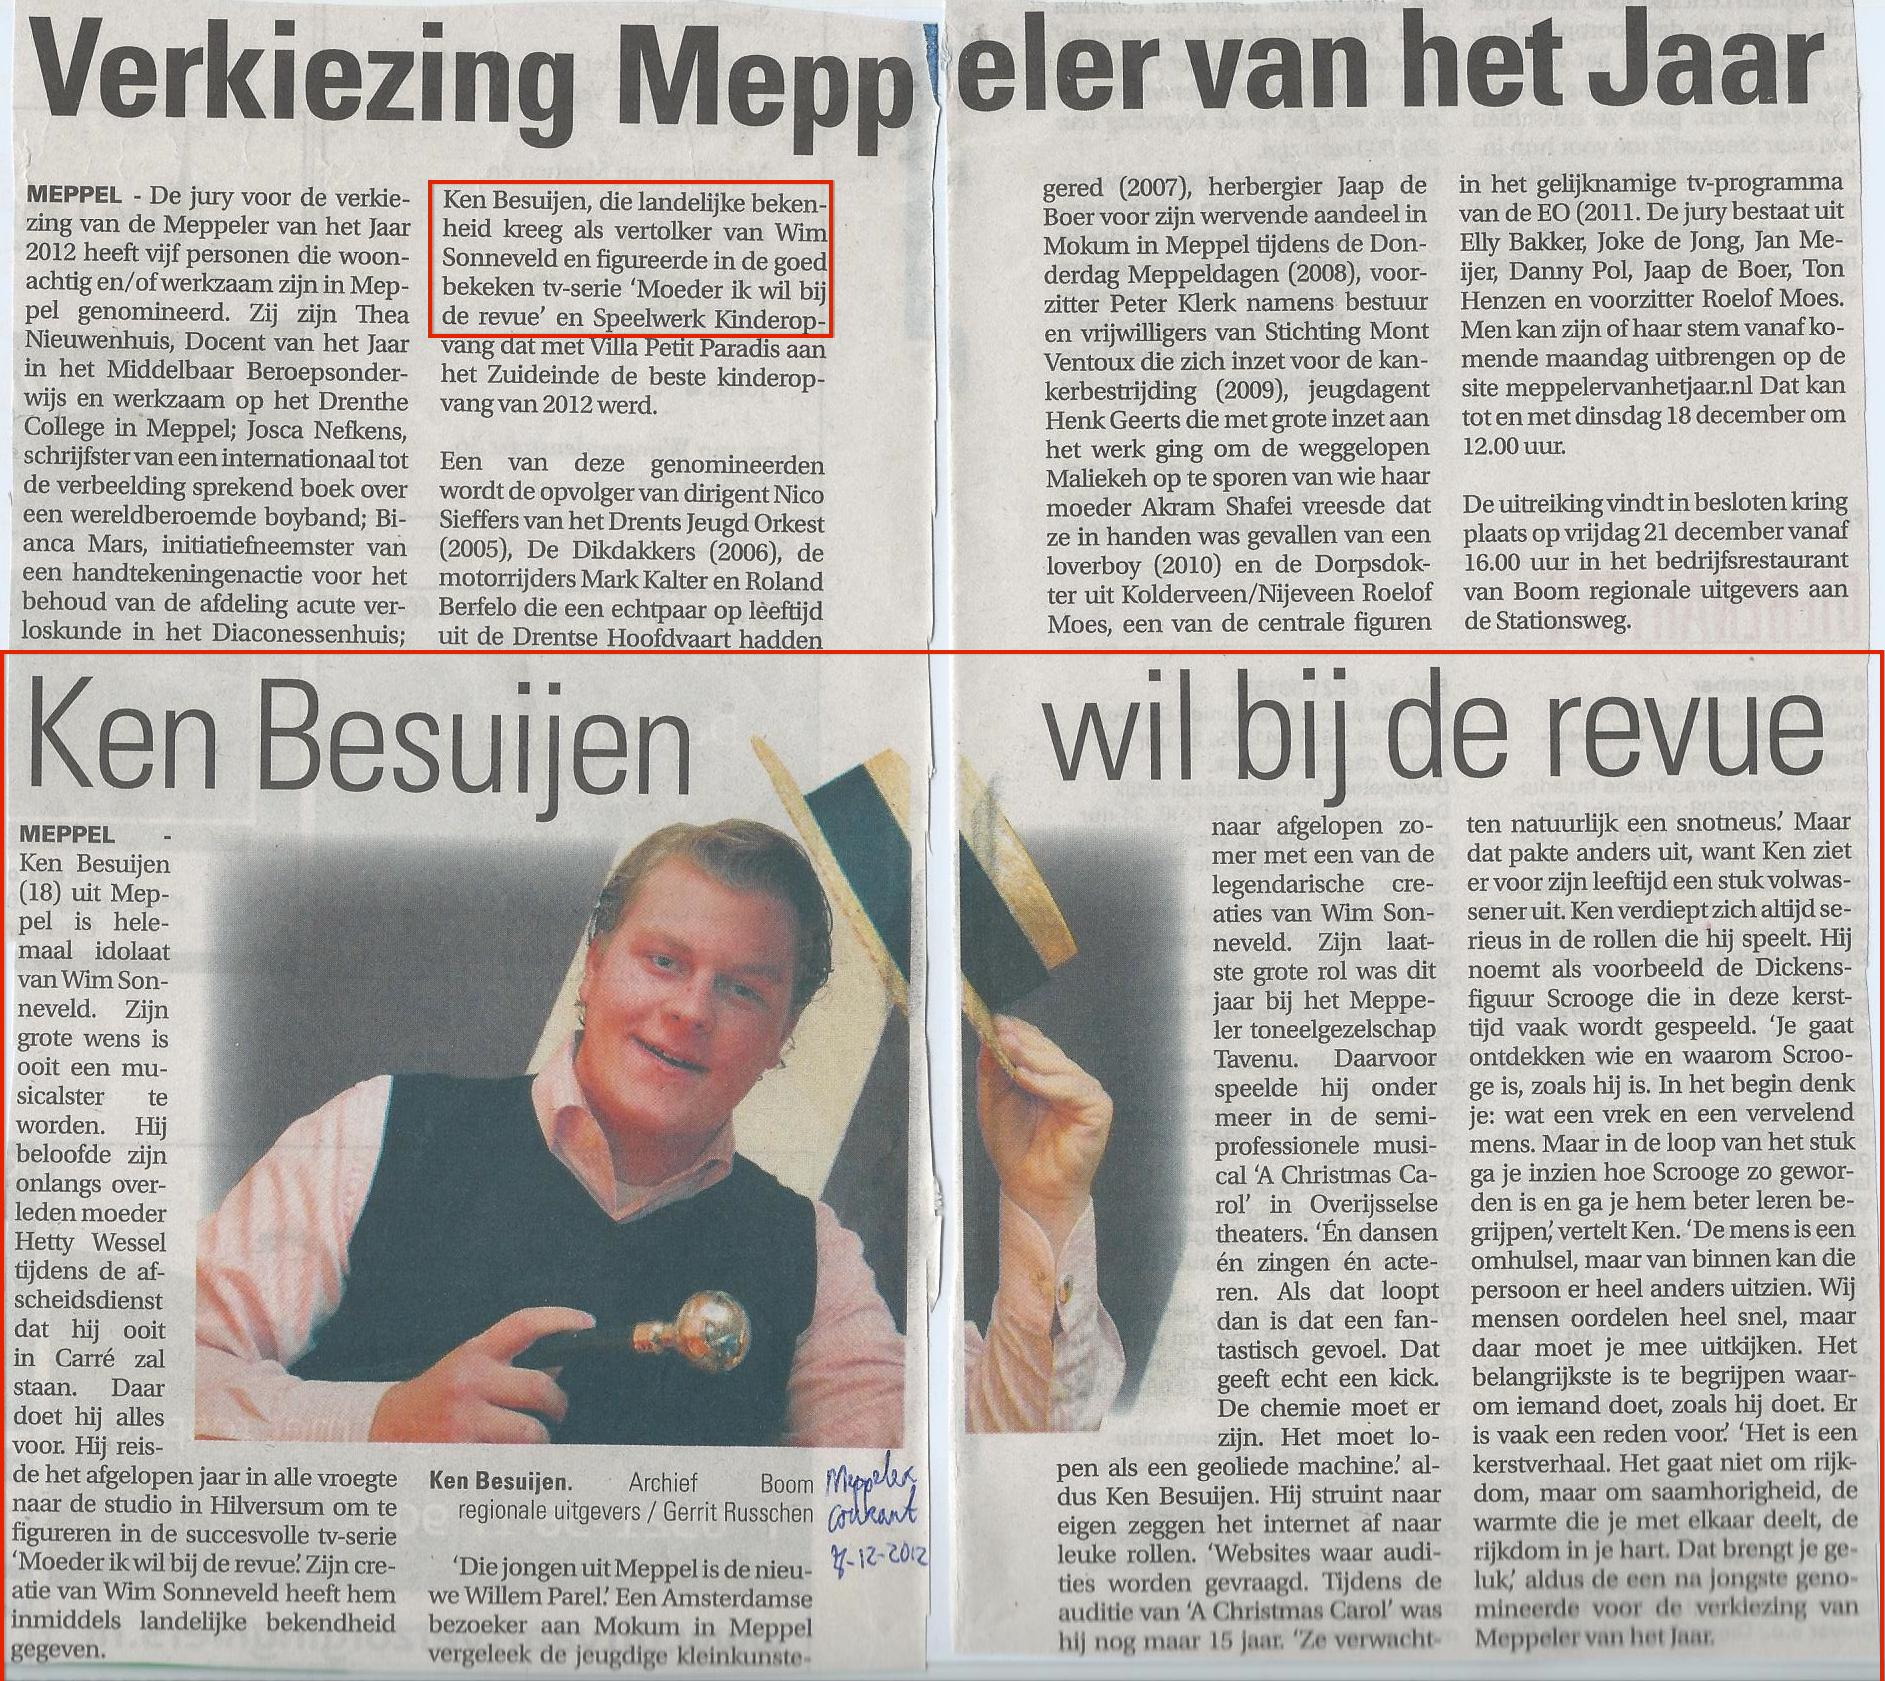 07-12-2012 Verhaaltje Meppeler van het jaar